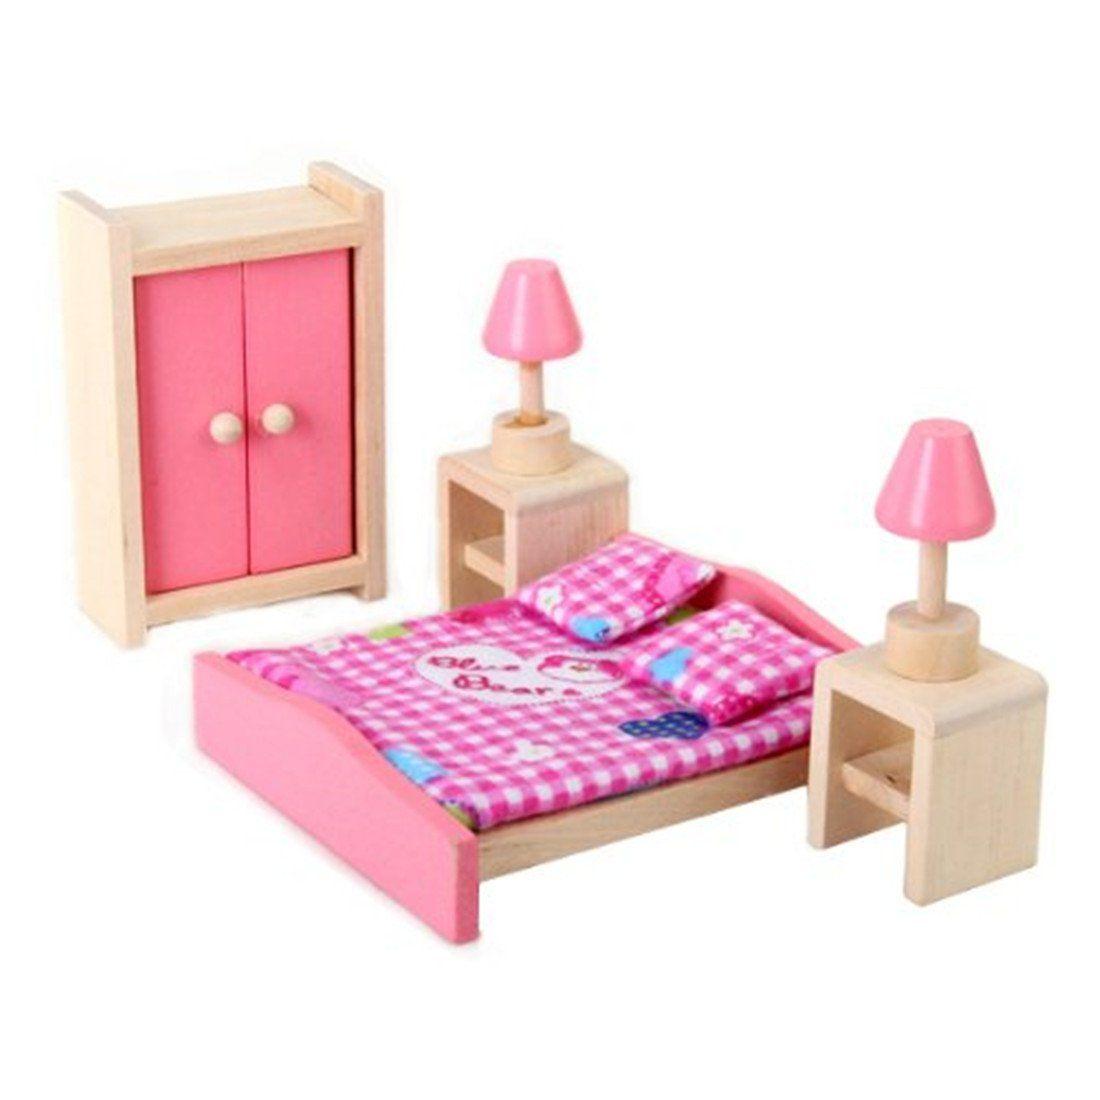 Mini Children Wooden Doll House Furniture Kids Bedroom Little Girl Doll  Houses Wood Dollhouse Kits From Breadfruiter, $30.24| Dhgate.Com